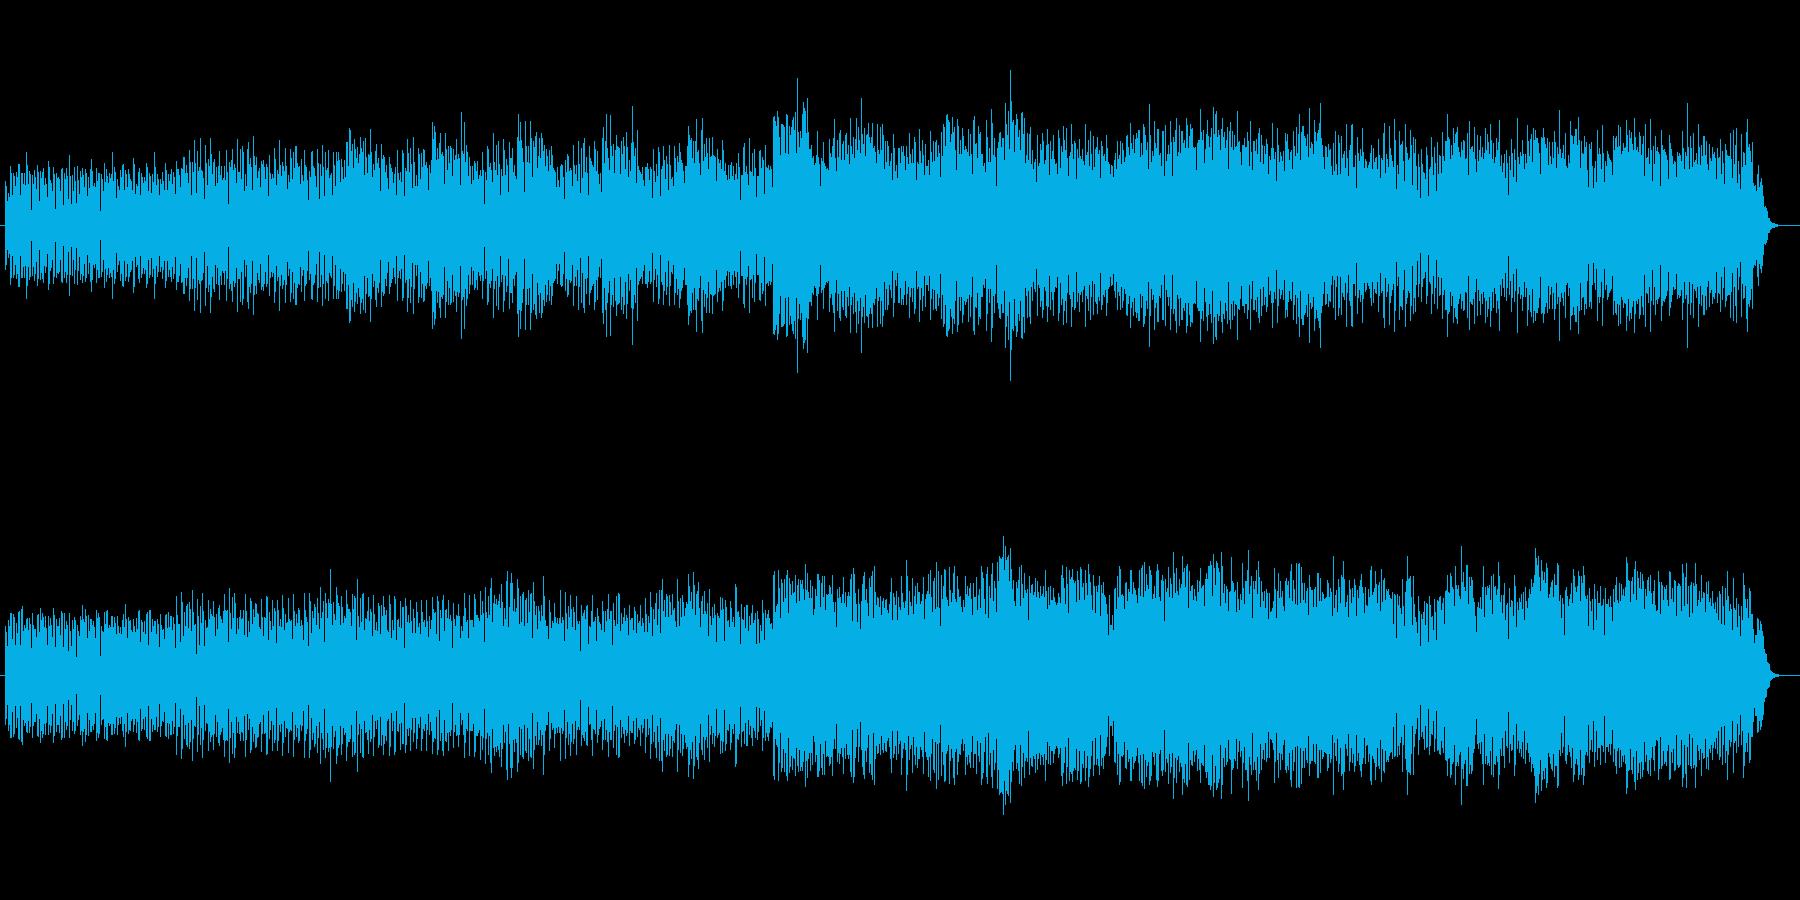 神秘的で洞窟・森などをイメージする曲の再生済みの波形